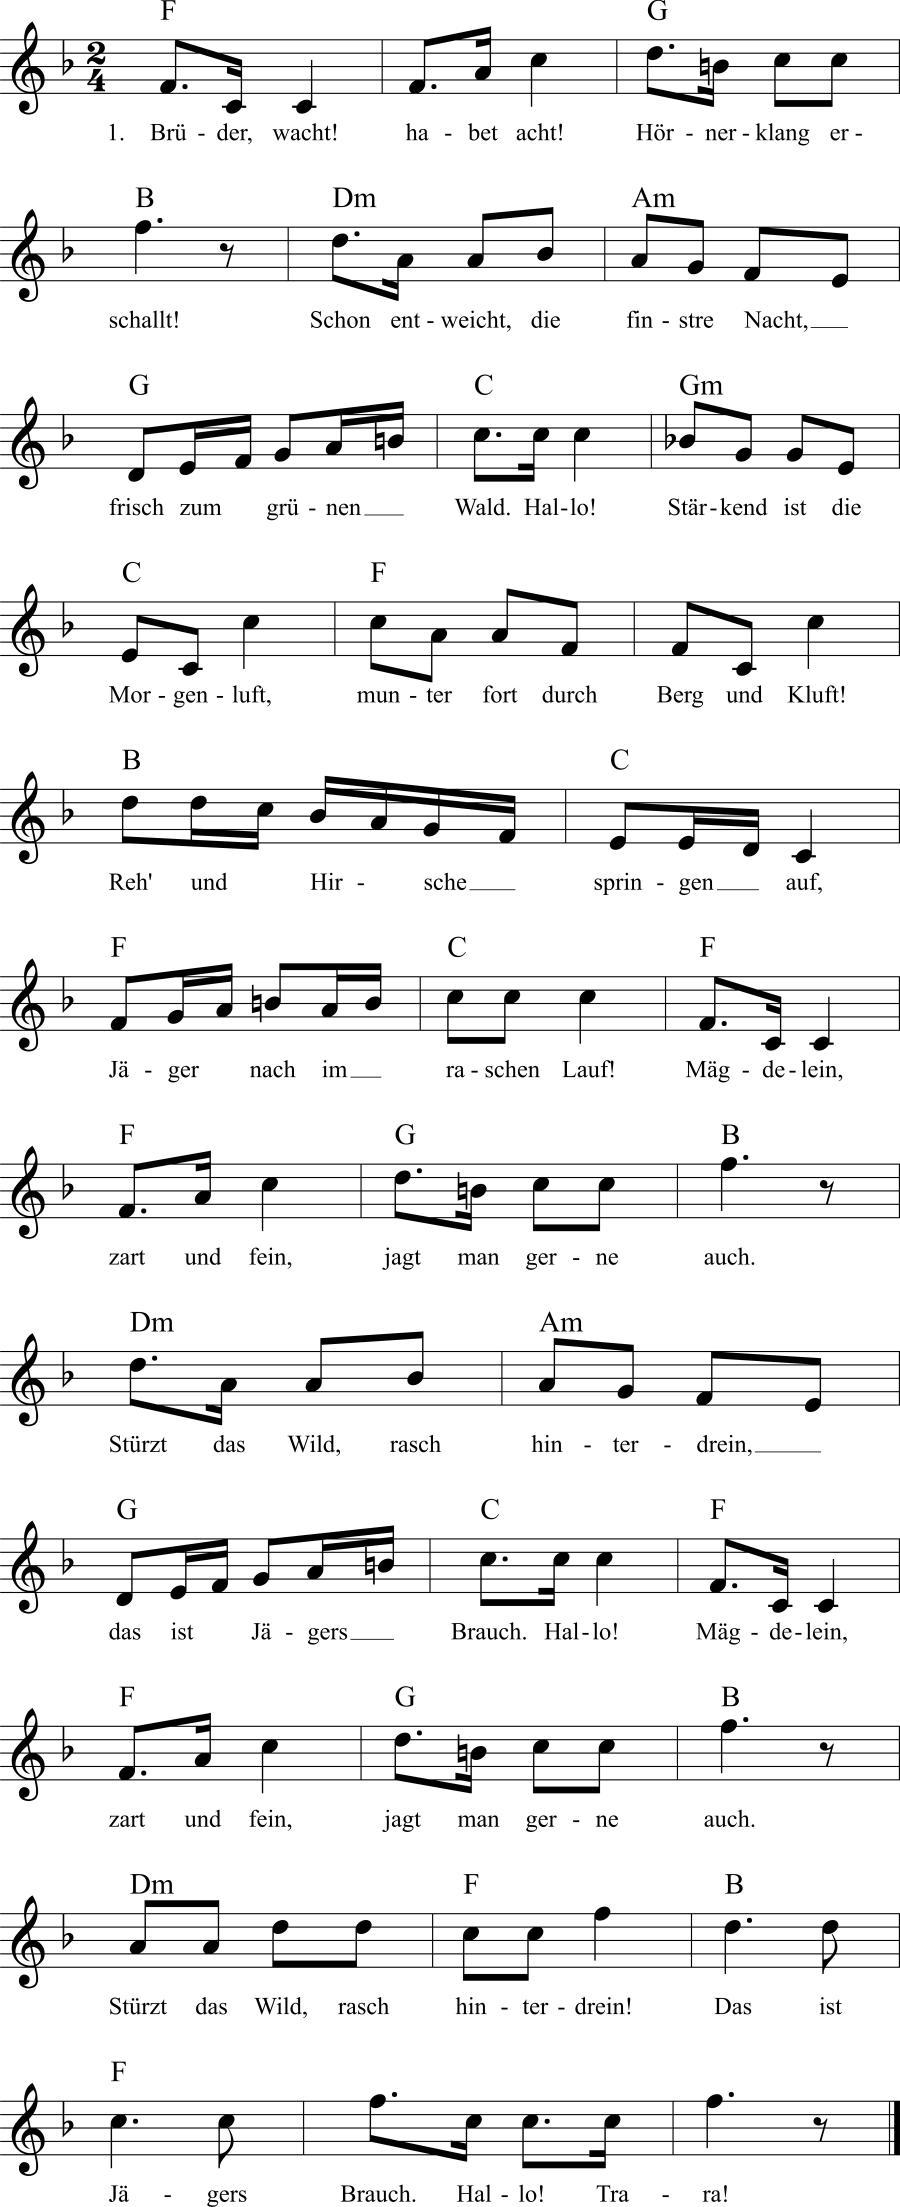 Musiknoten zum Lied Brüder, wacht! Habet acht!